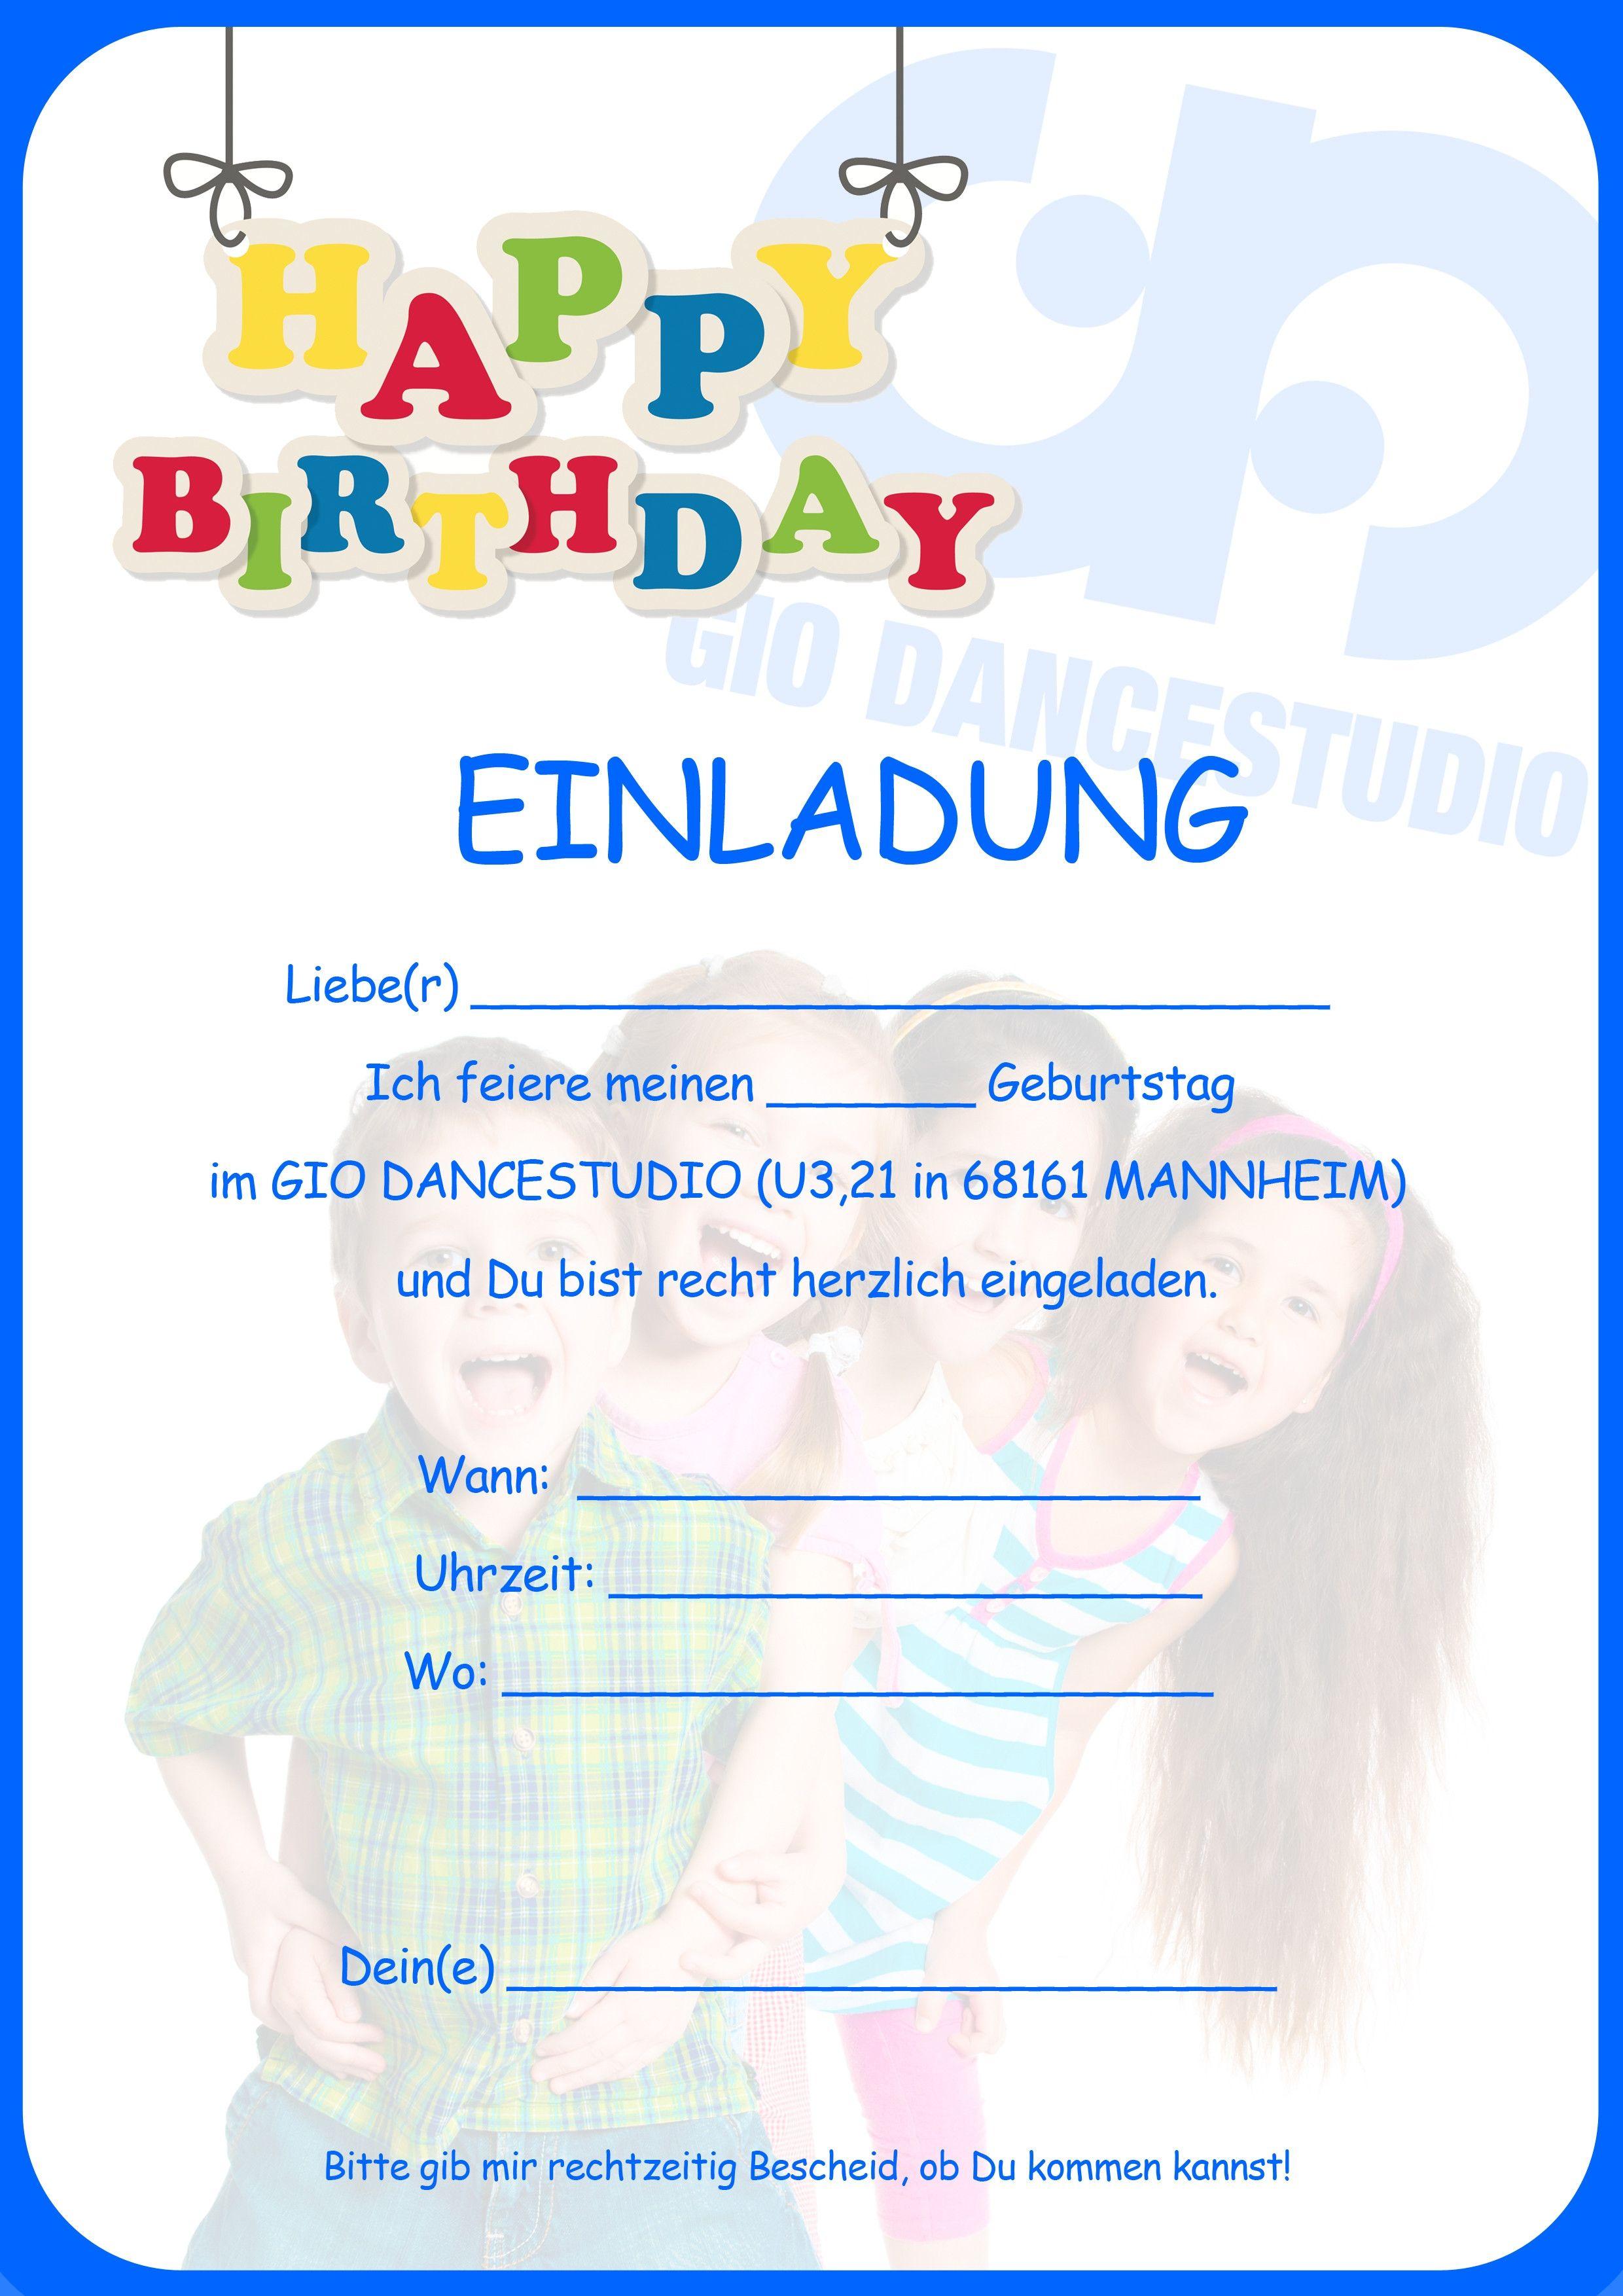 Einladungskarten Kindergeburtstag Online Gratis Best In 2020 Vorlage Einladung Kindergeburtstag Einladungskarten Kindergeburtstag Einladung Kindergeburtstag Kostenlos